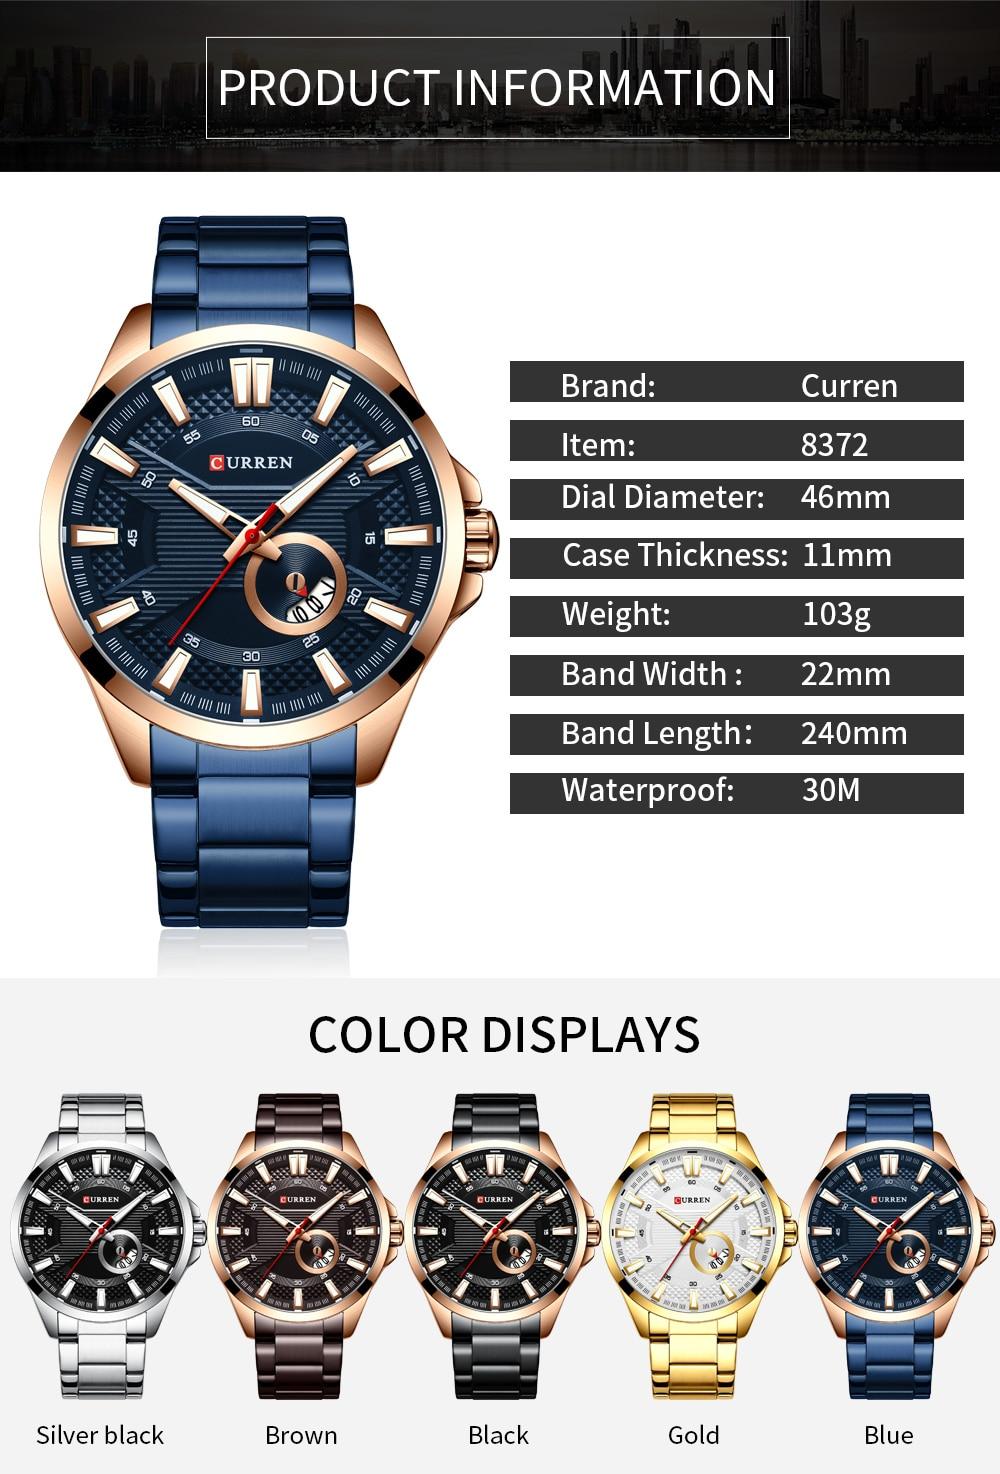 H4f8dc186dcb548b6b84a27c13ddf7c922 New Stainless Steel Quartz Men's Watches Fashion CURREN Wrist Watch Causal Business Watch Top Luxury Brand Men Watch Male Clock